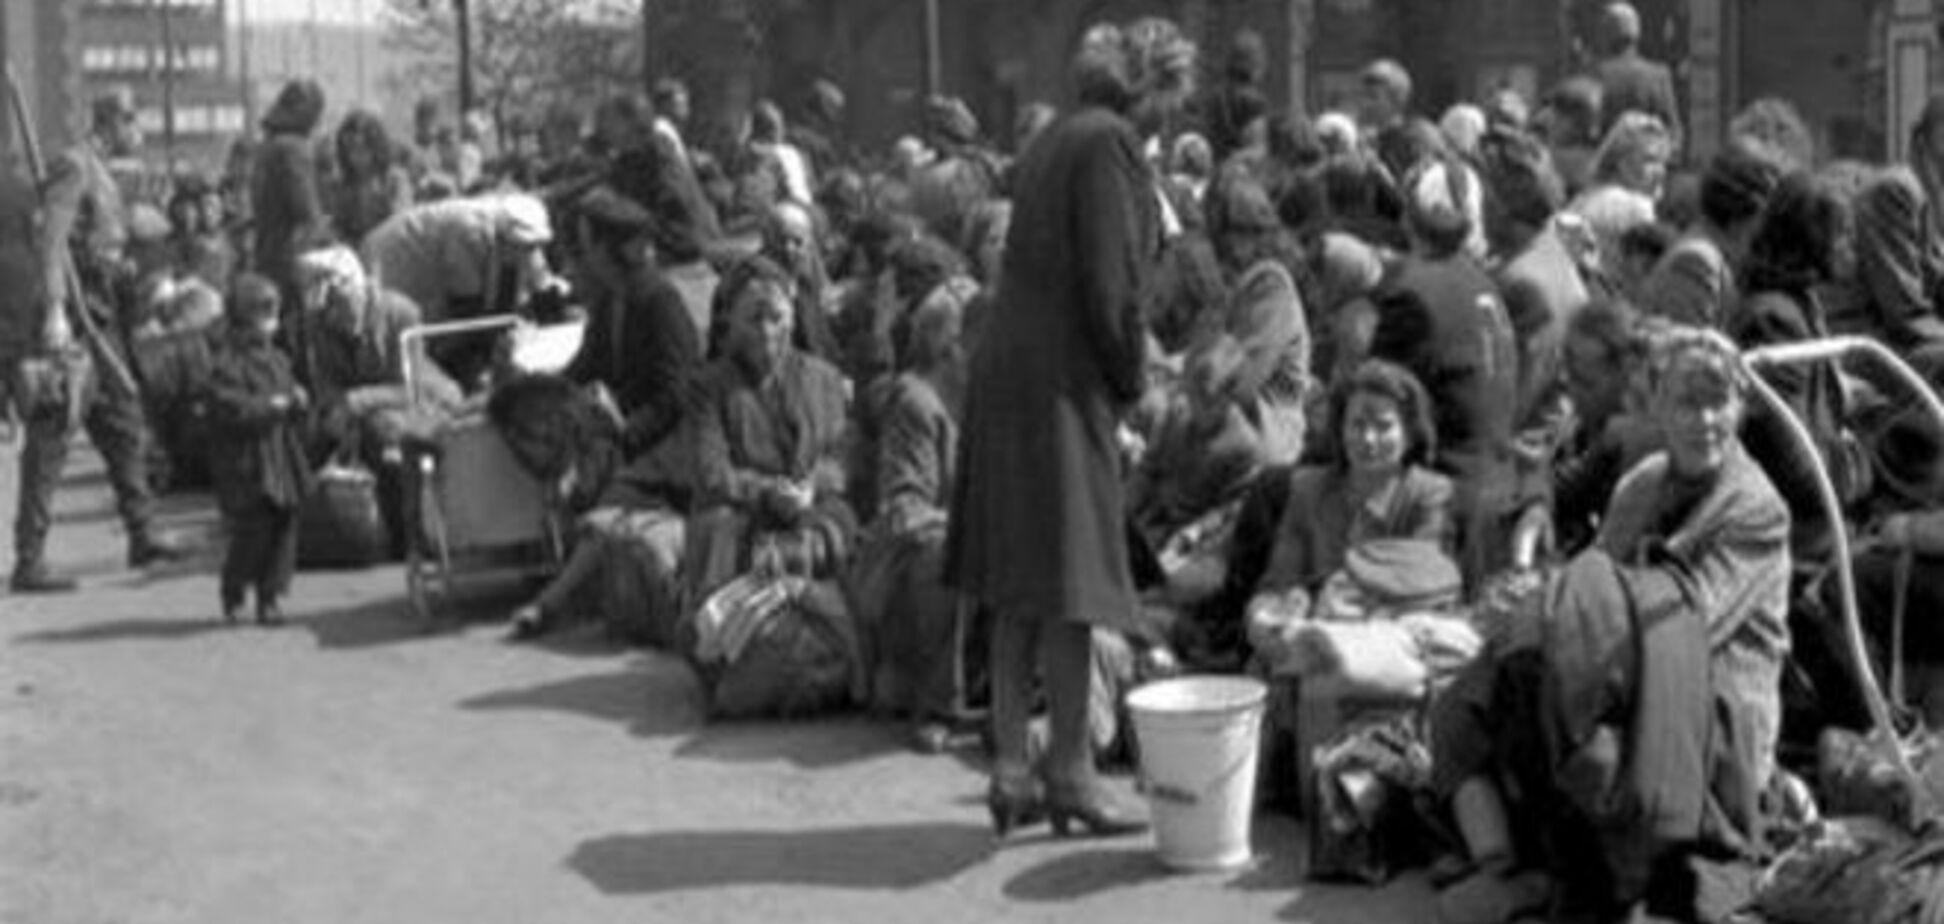 Втрата коріння та інтеграція: біженці в повоєнні часи й сьогодні